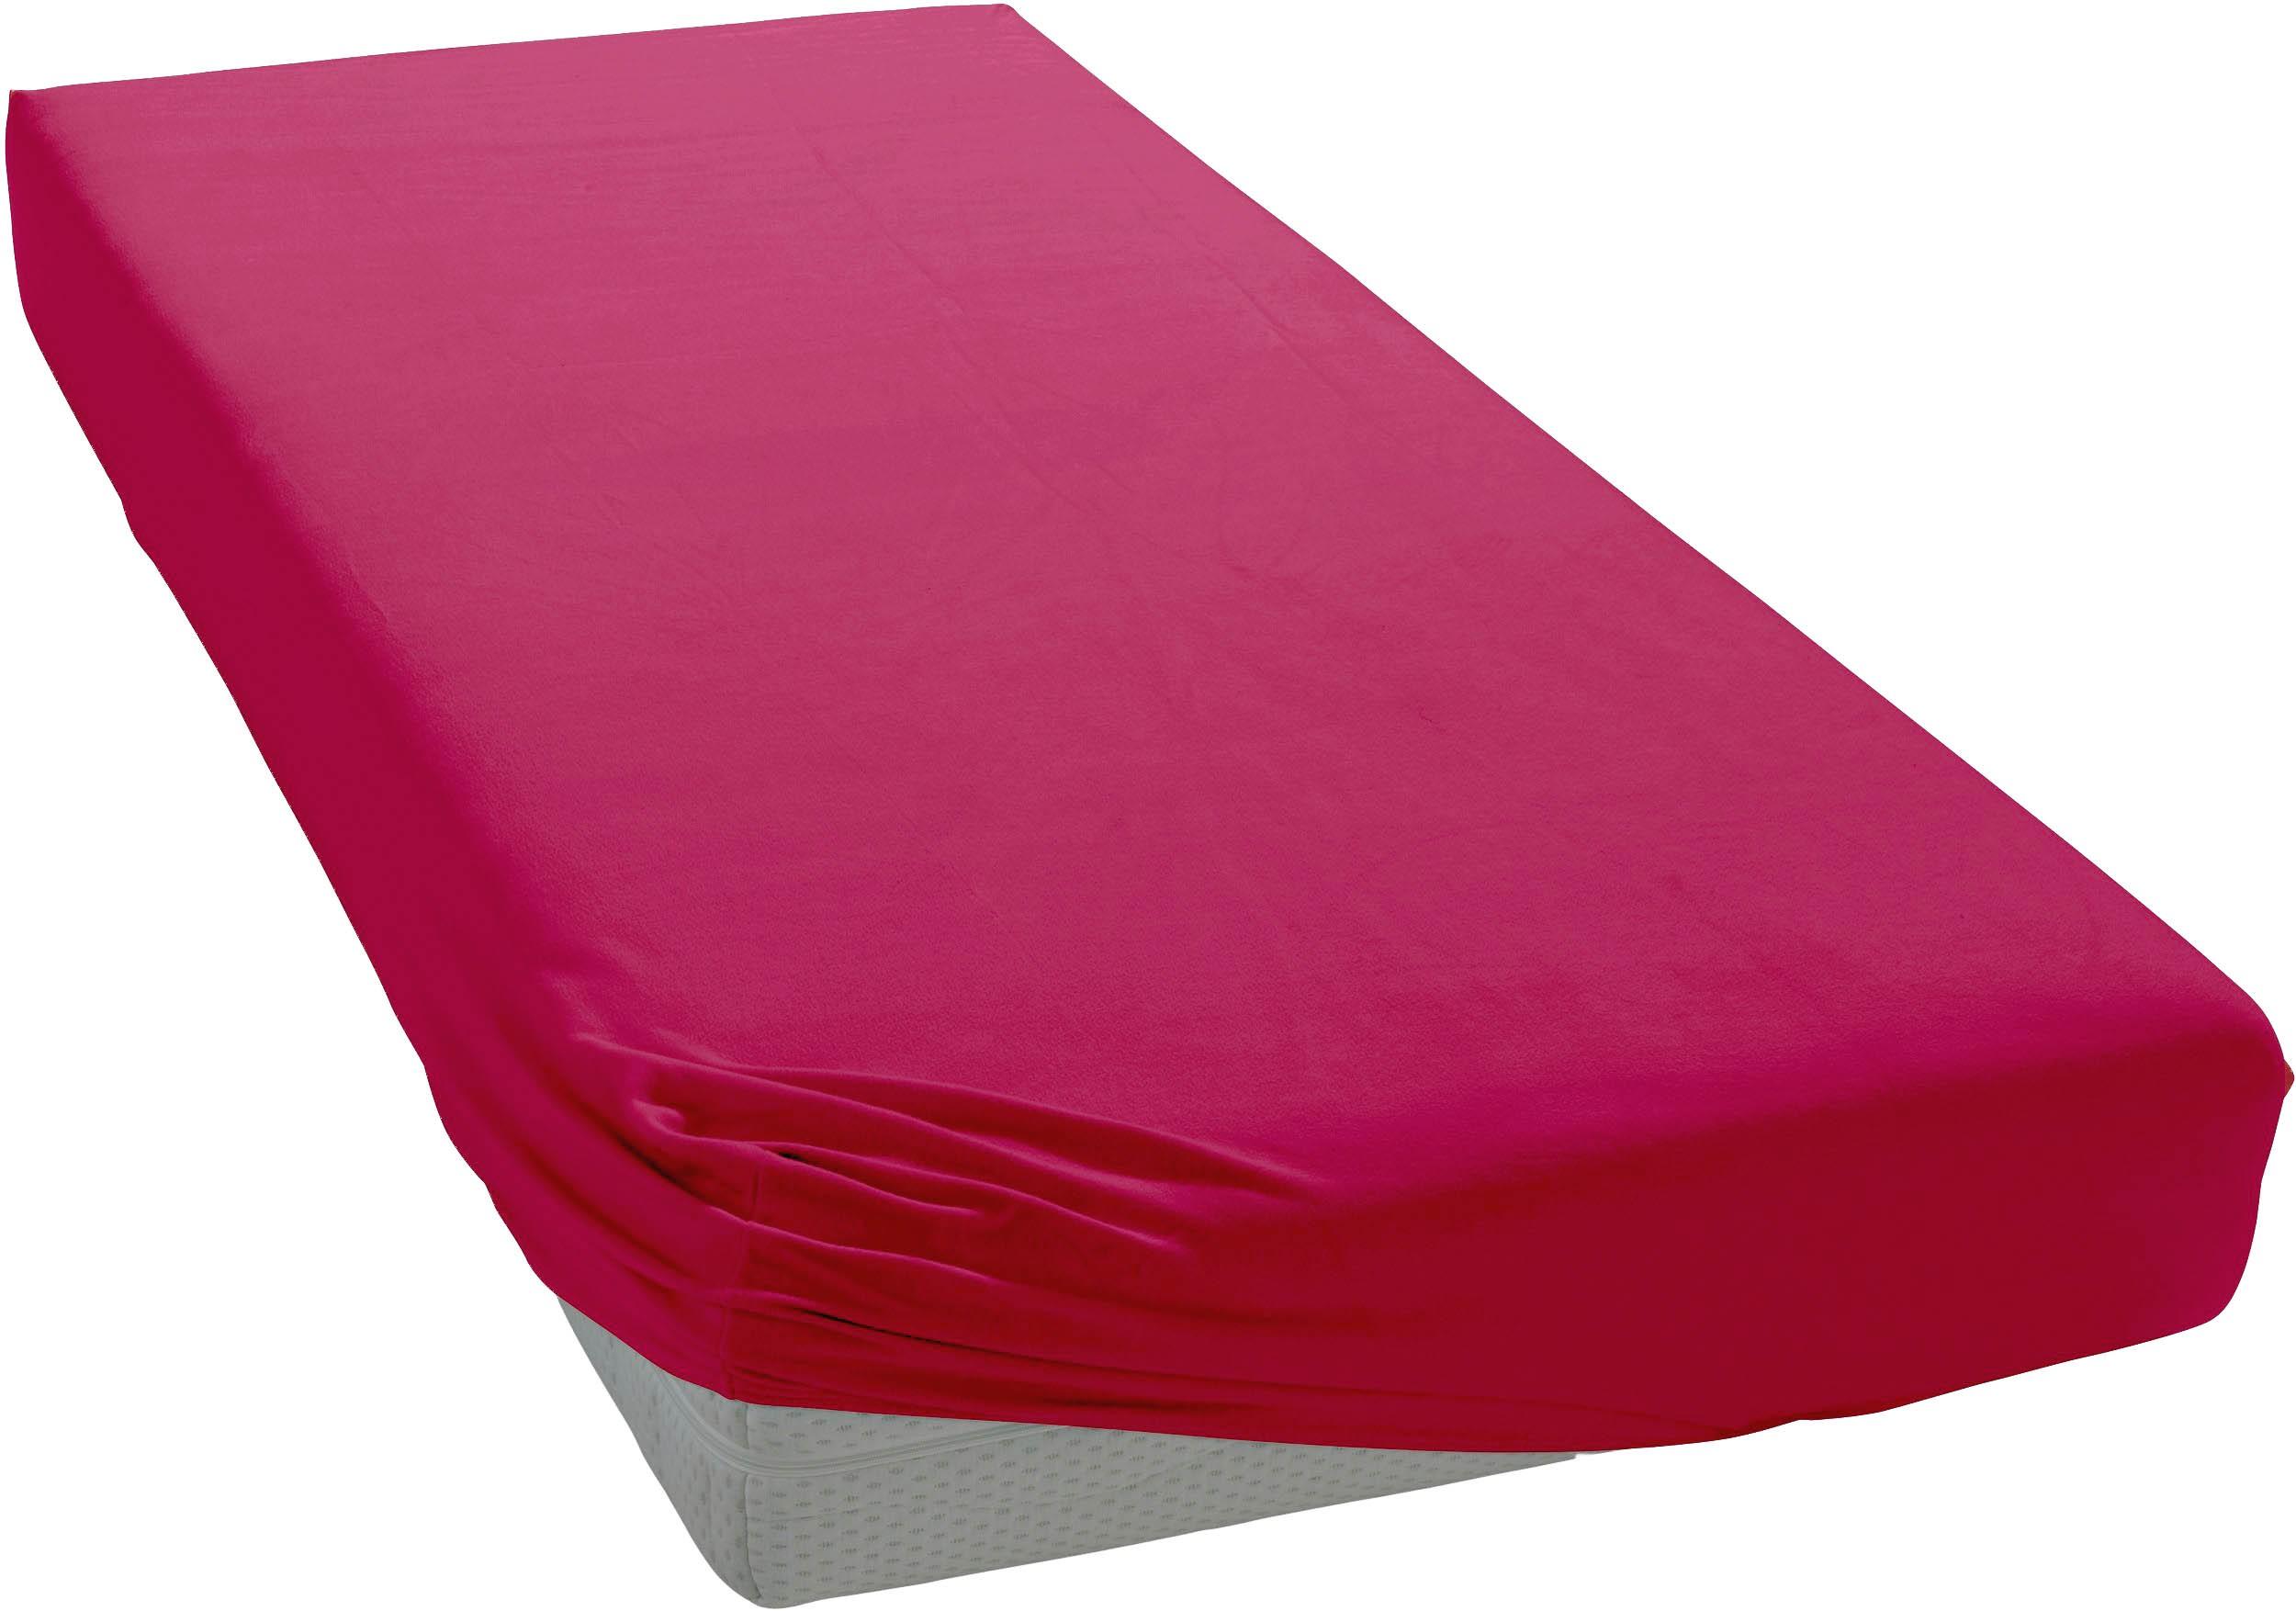 jersey spannbetttuch spannbettlaken 100 140 180 x 200 cm stegh he 25 cm ebay. Black Bedroom Furniture Sets. Home Design Ideas